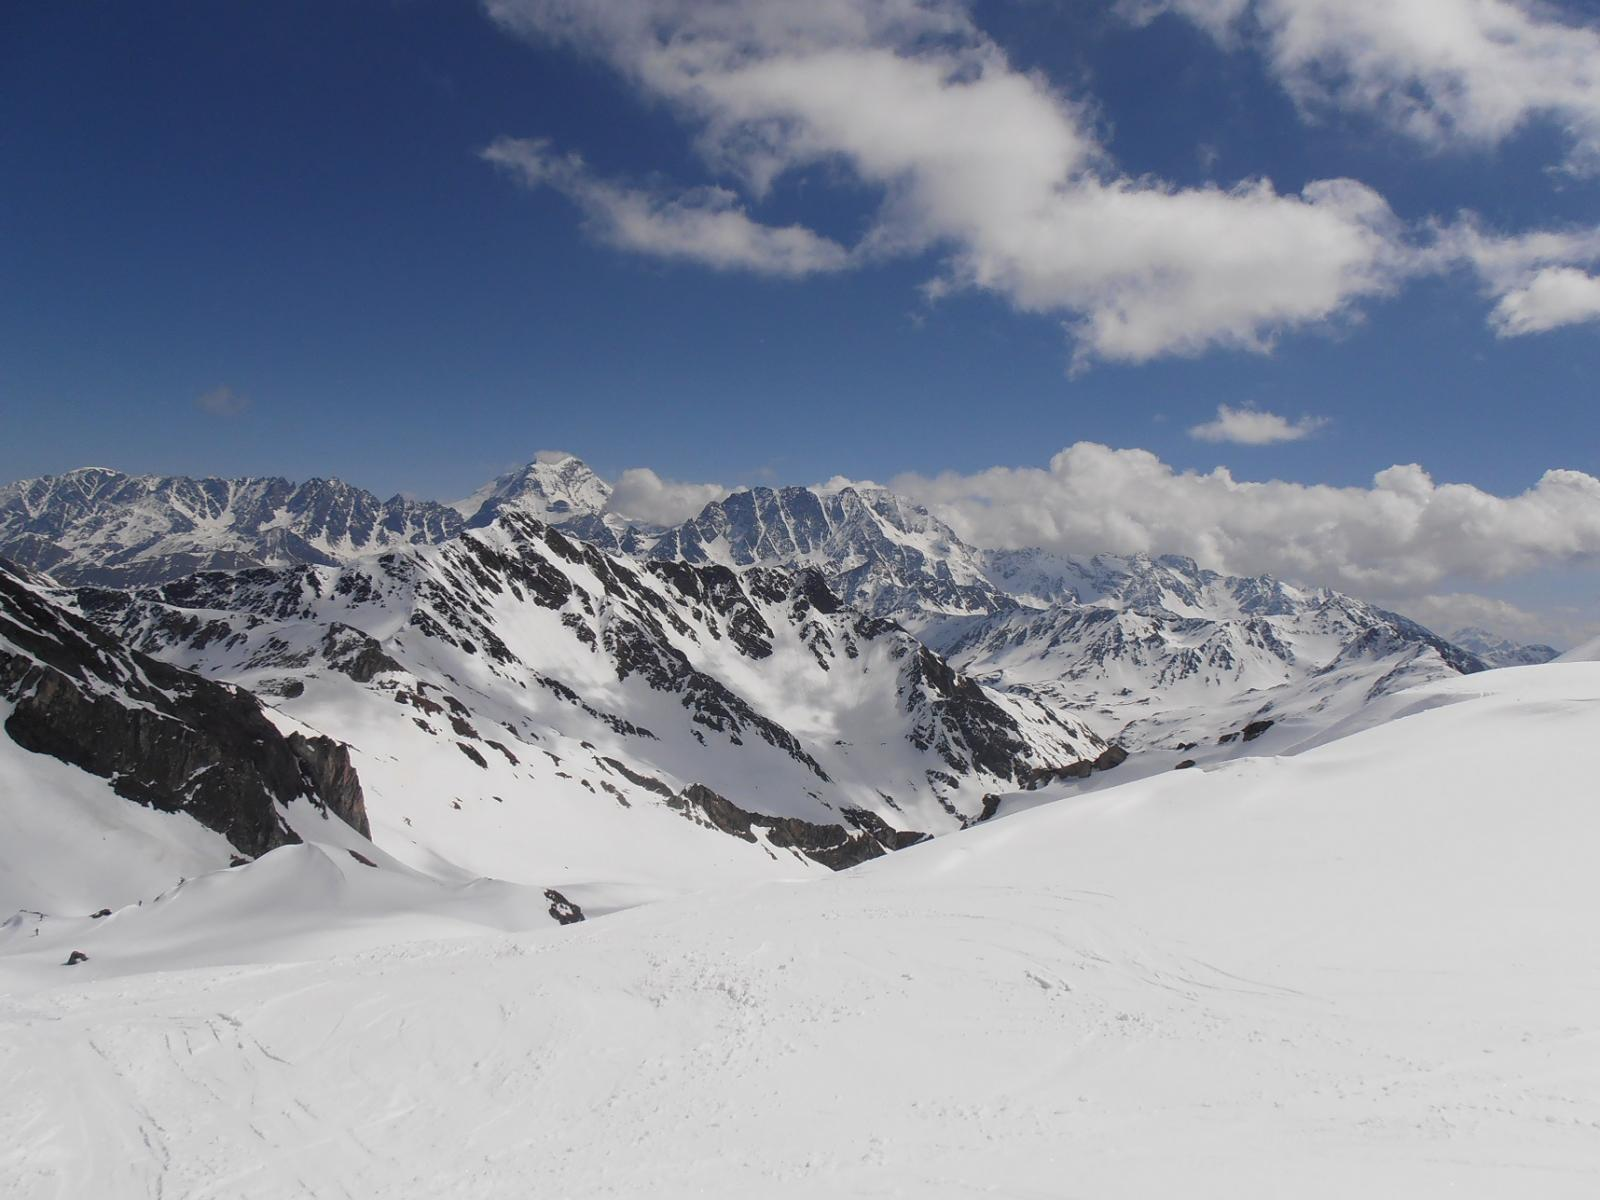 06 - Salendo, vista su Grand Combin e Mont Velan